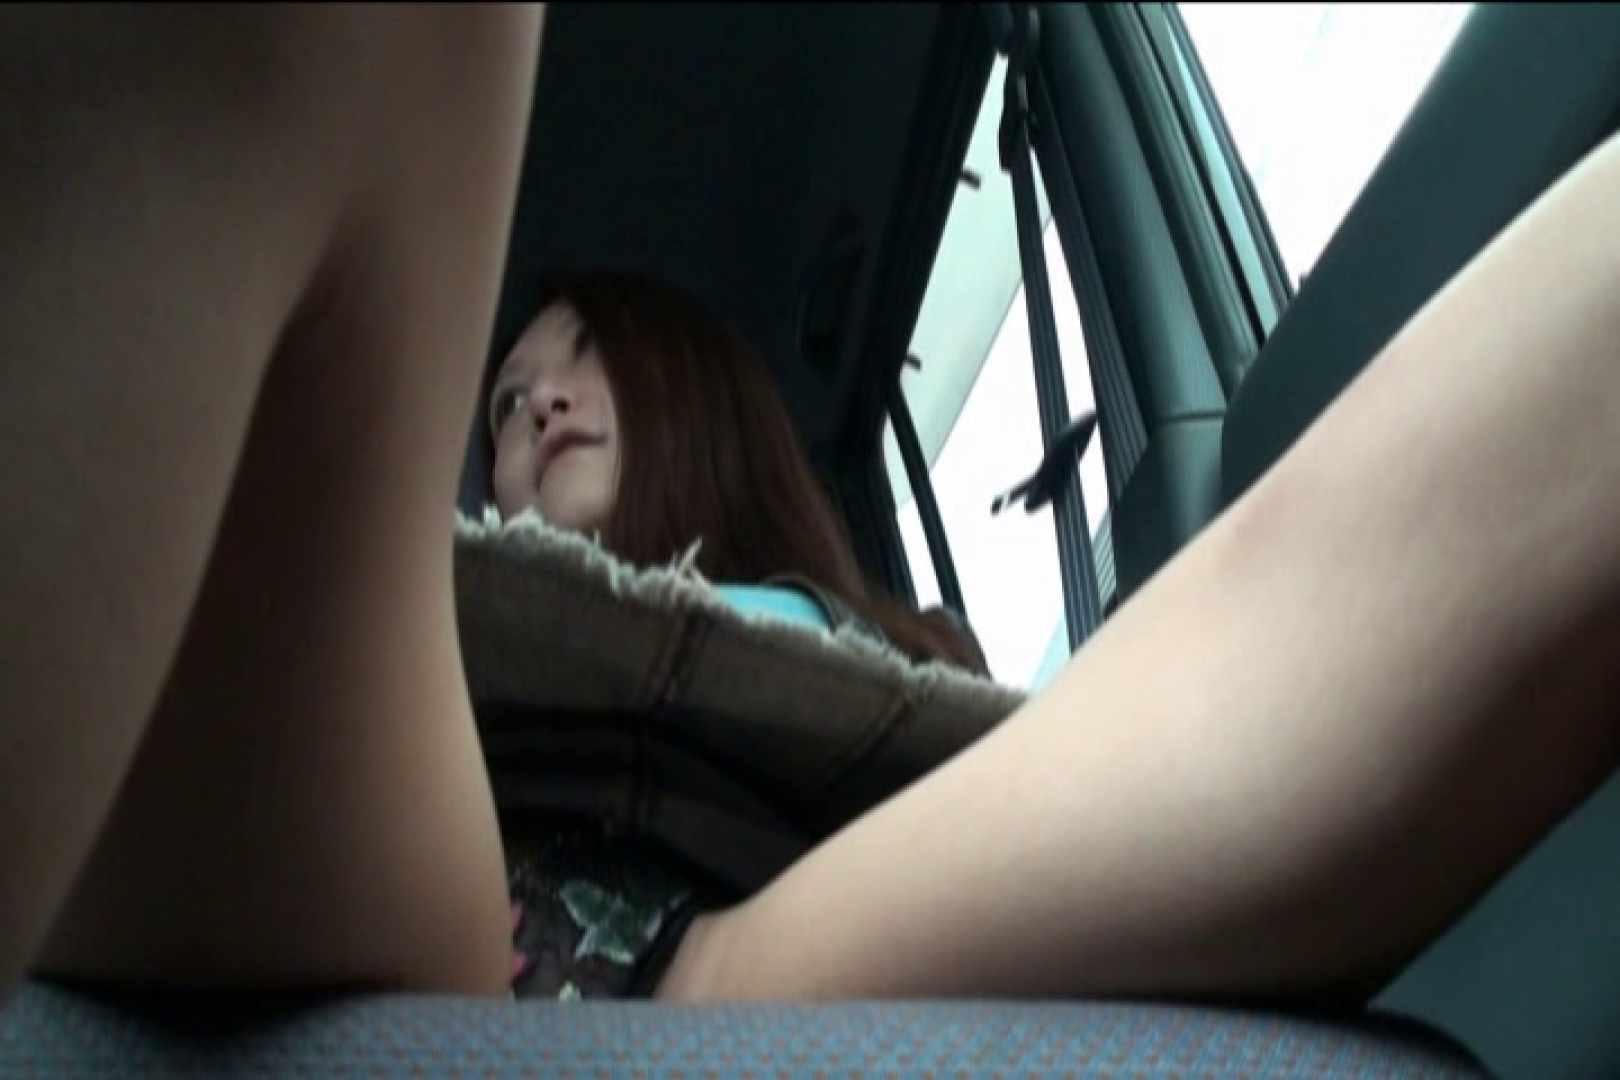 車内で初めまして! vol04 エッチ ワレメ動画紹介 60枚 33